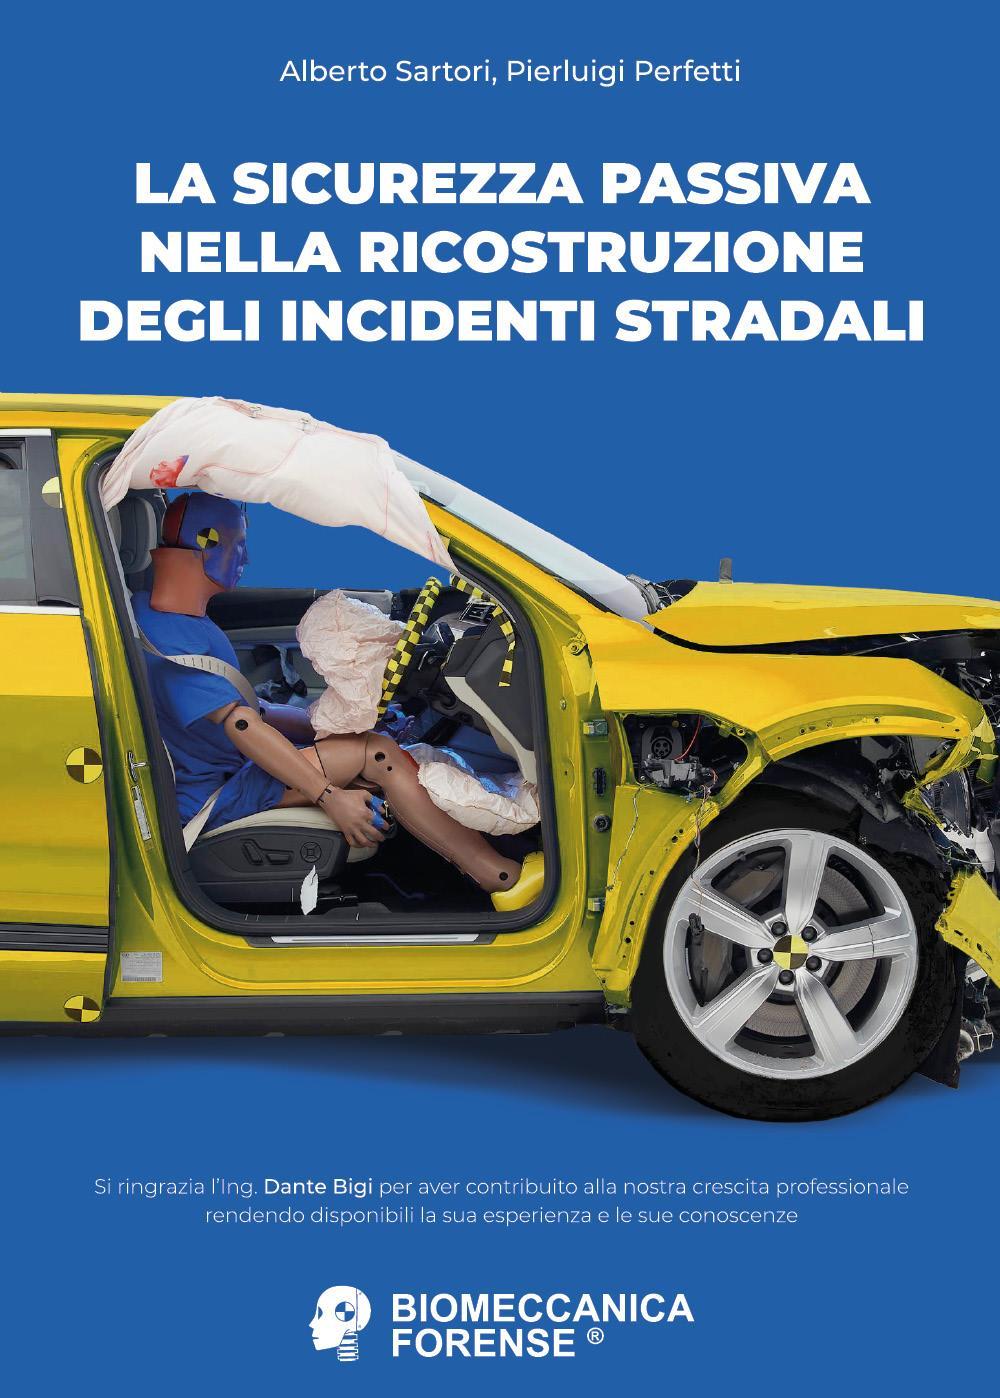 La sicurezza passiva nella ricostruzione degli incidenti stradali